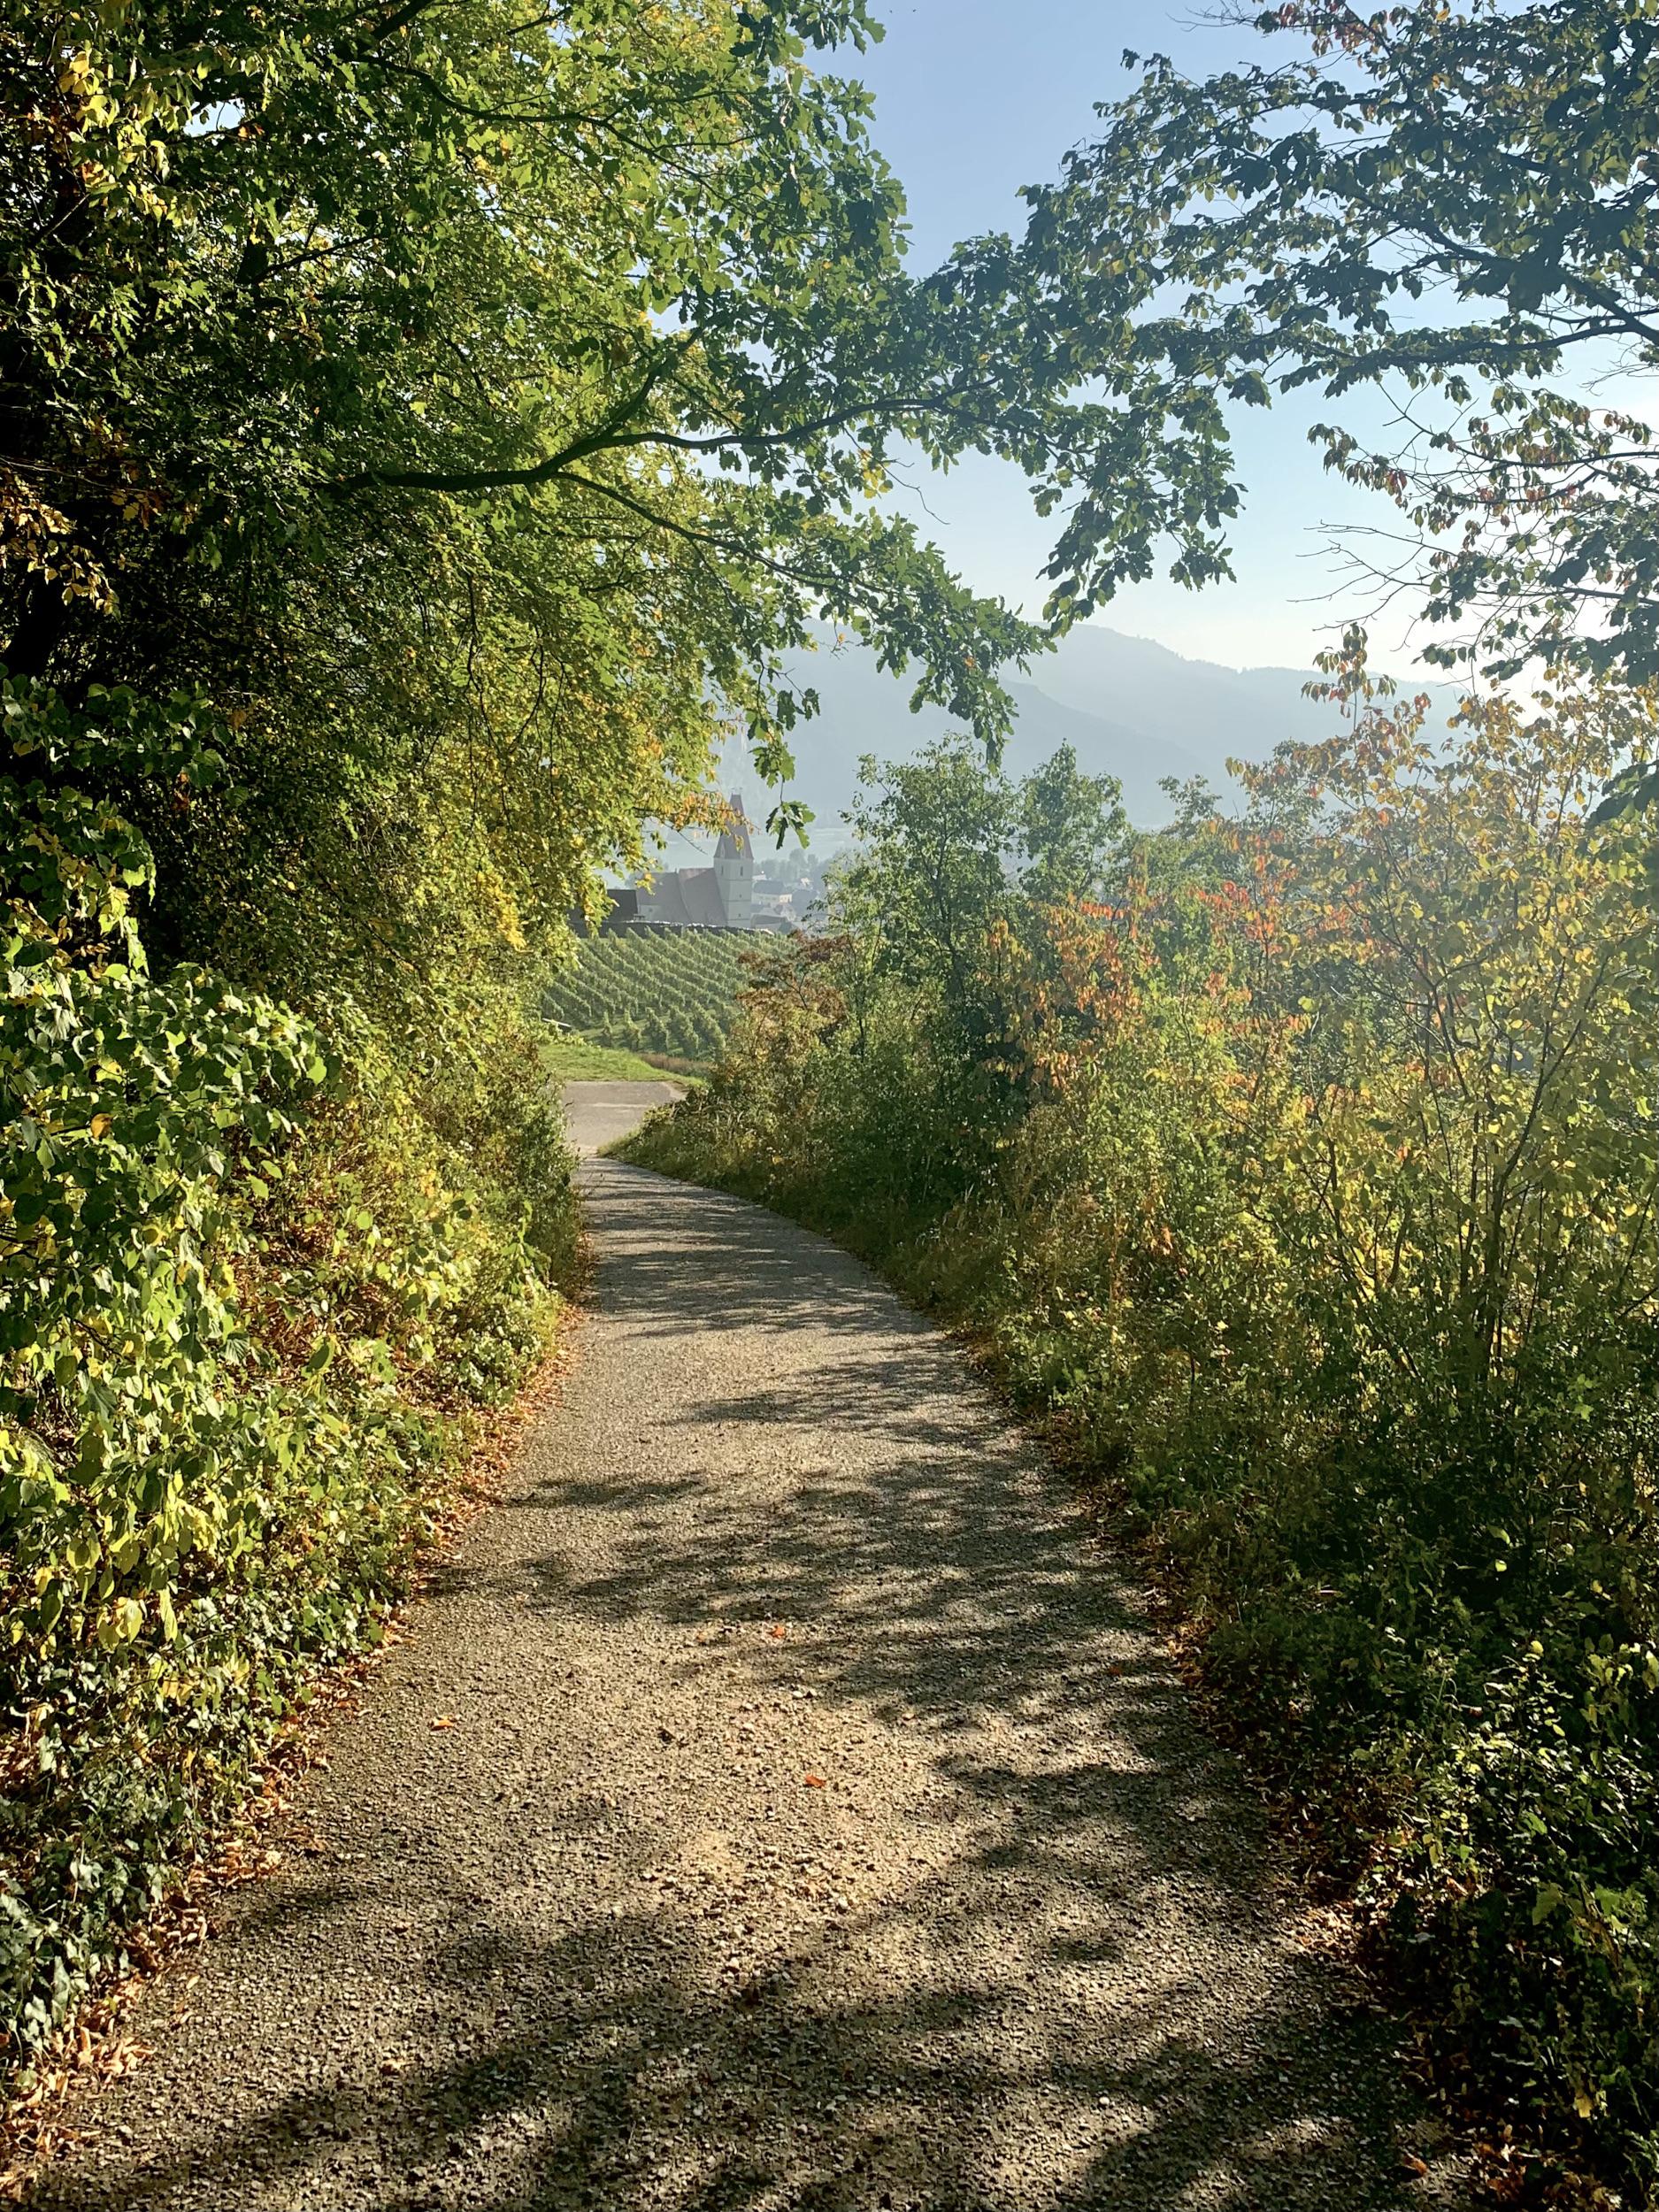 Panoramaweg Achleiten in Weißenkirchen in der Wachau